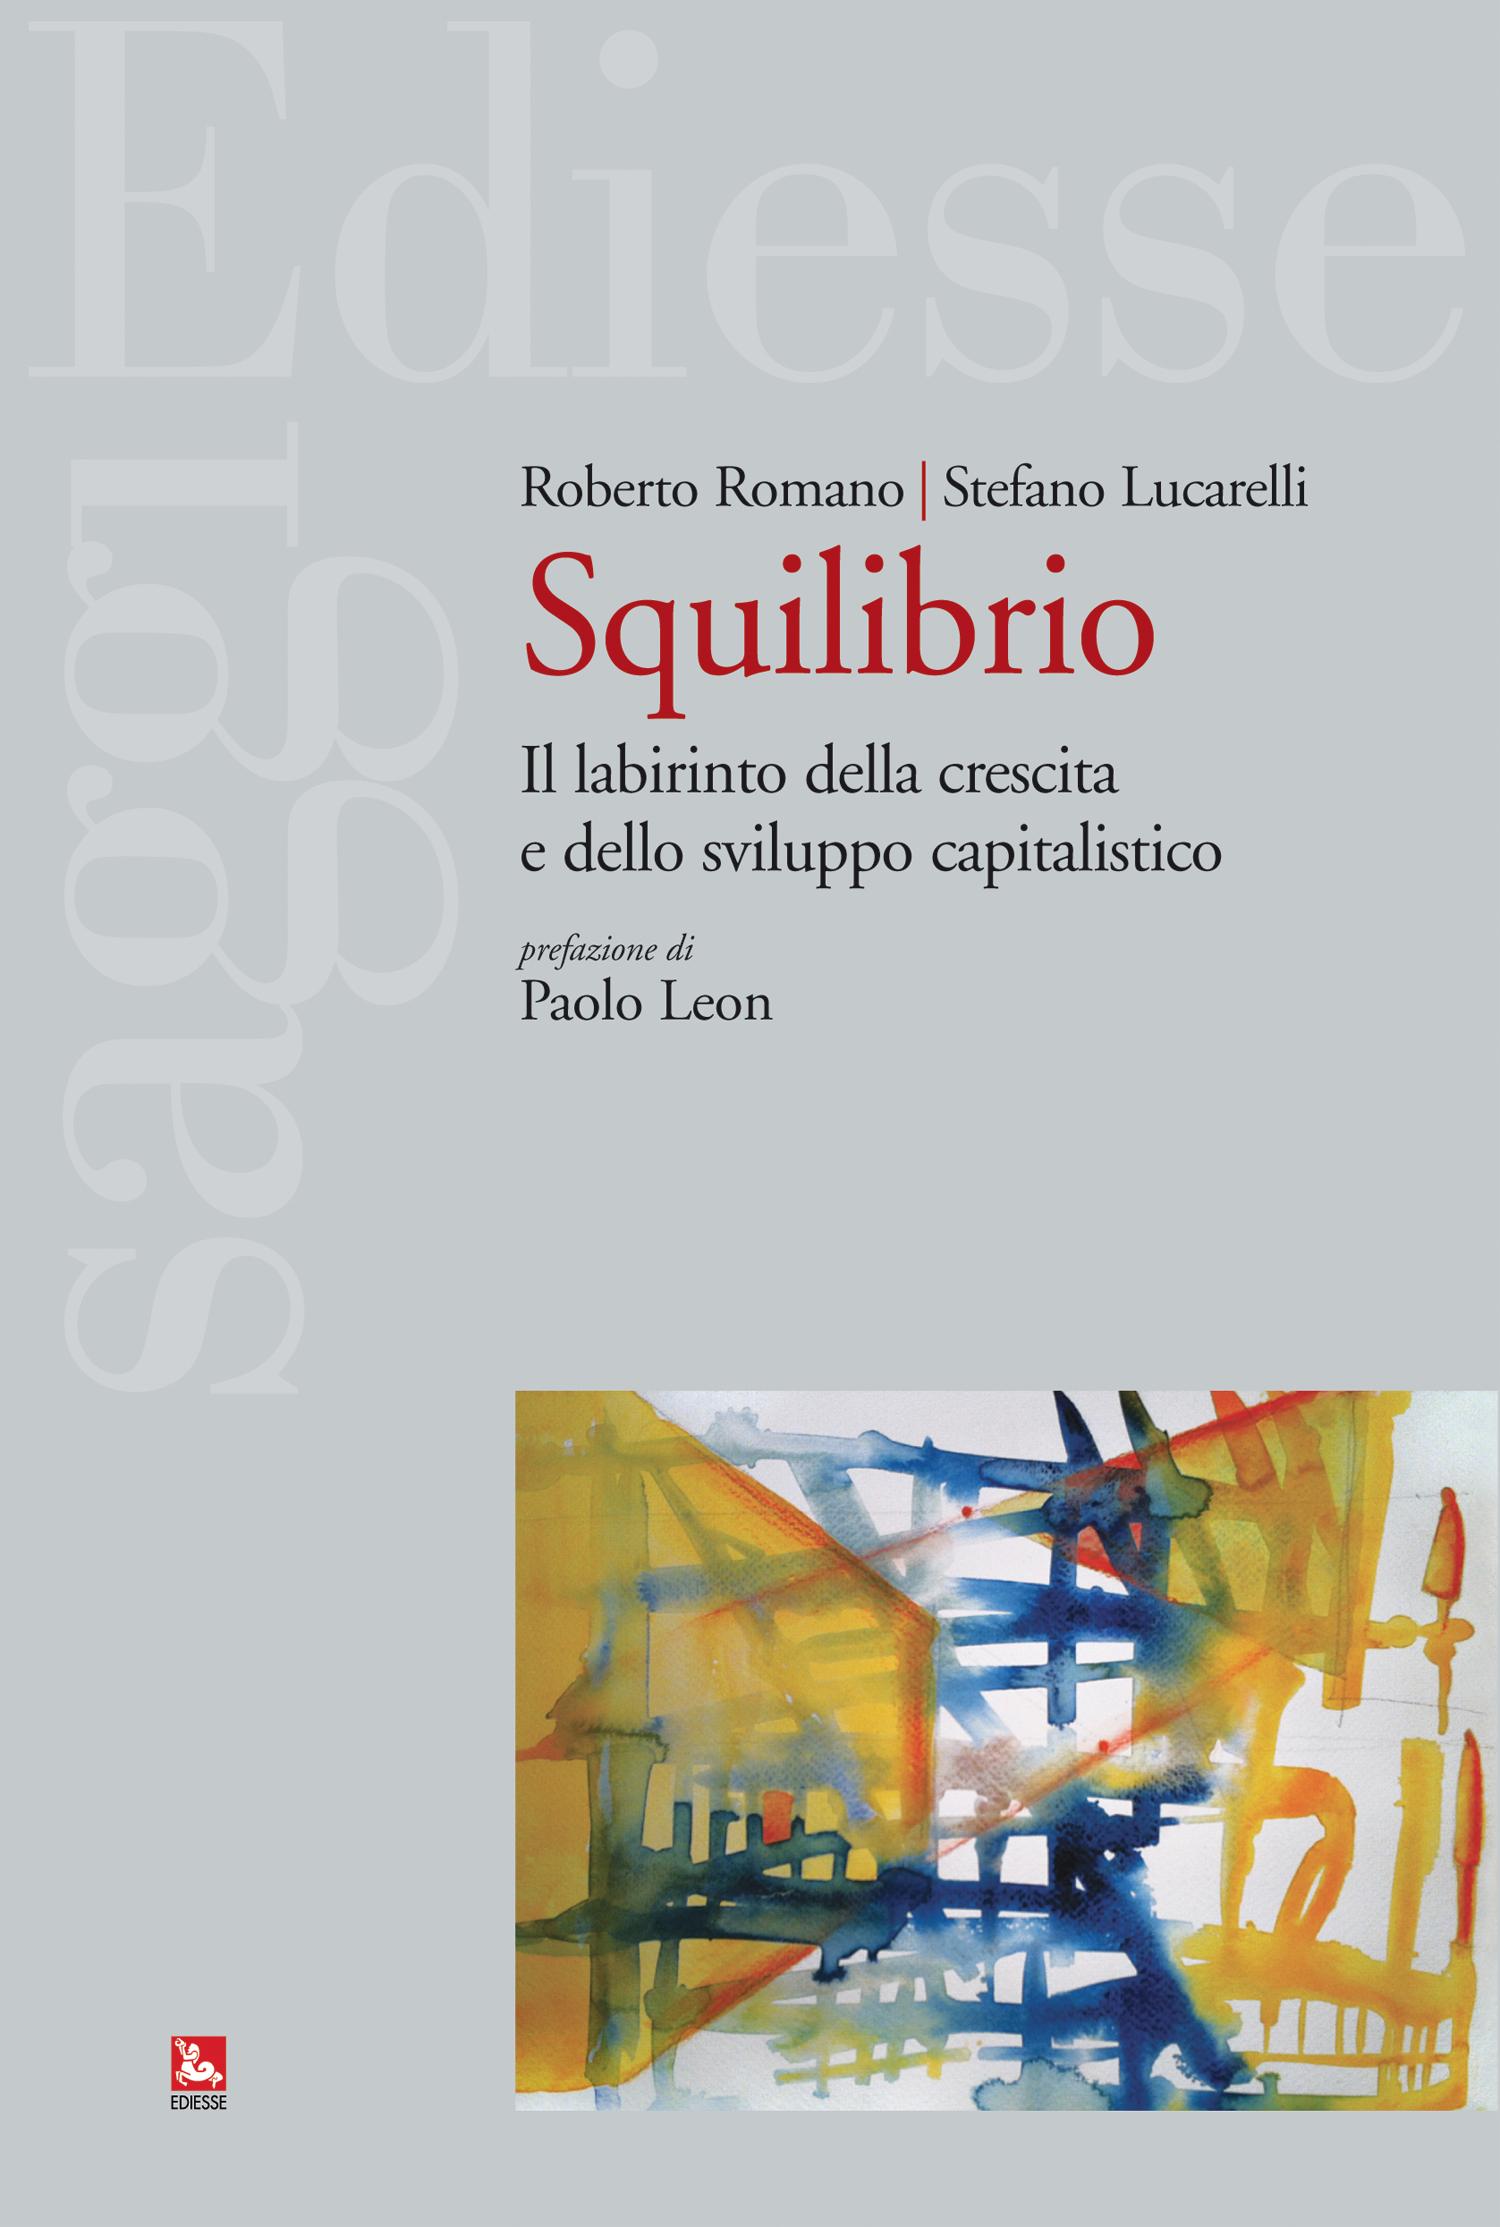 Squilibrio: i cambiamenti strutturali dell'economia e il ruolo dello Stato